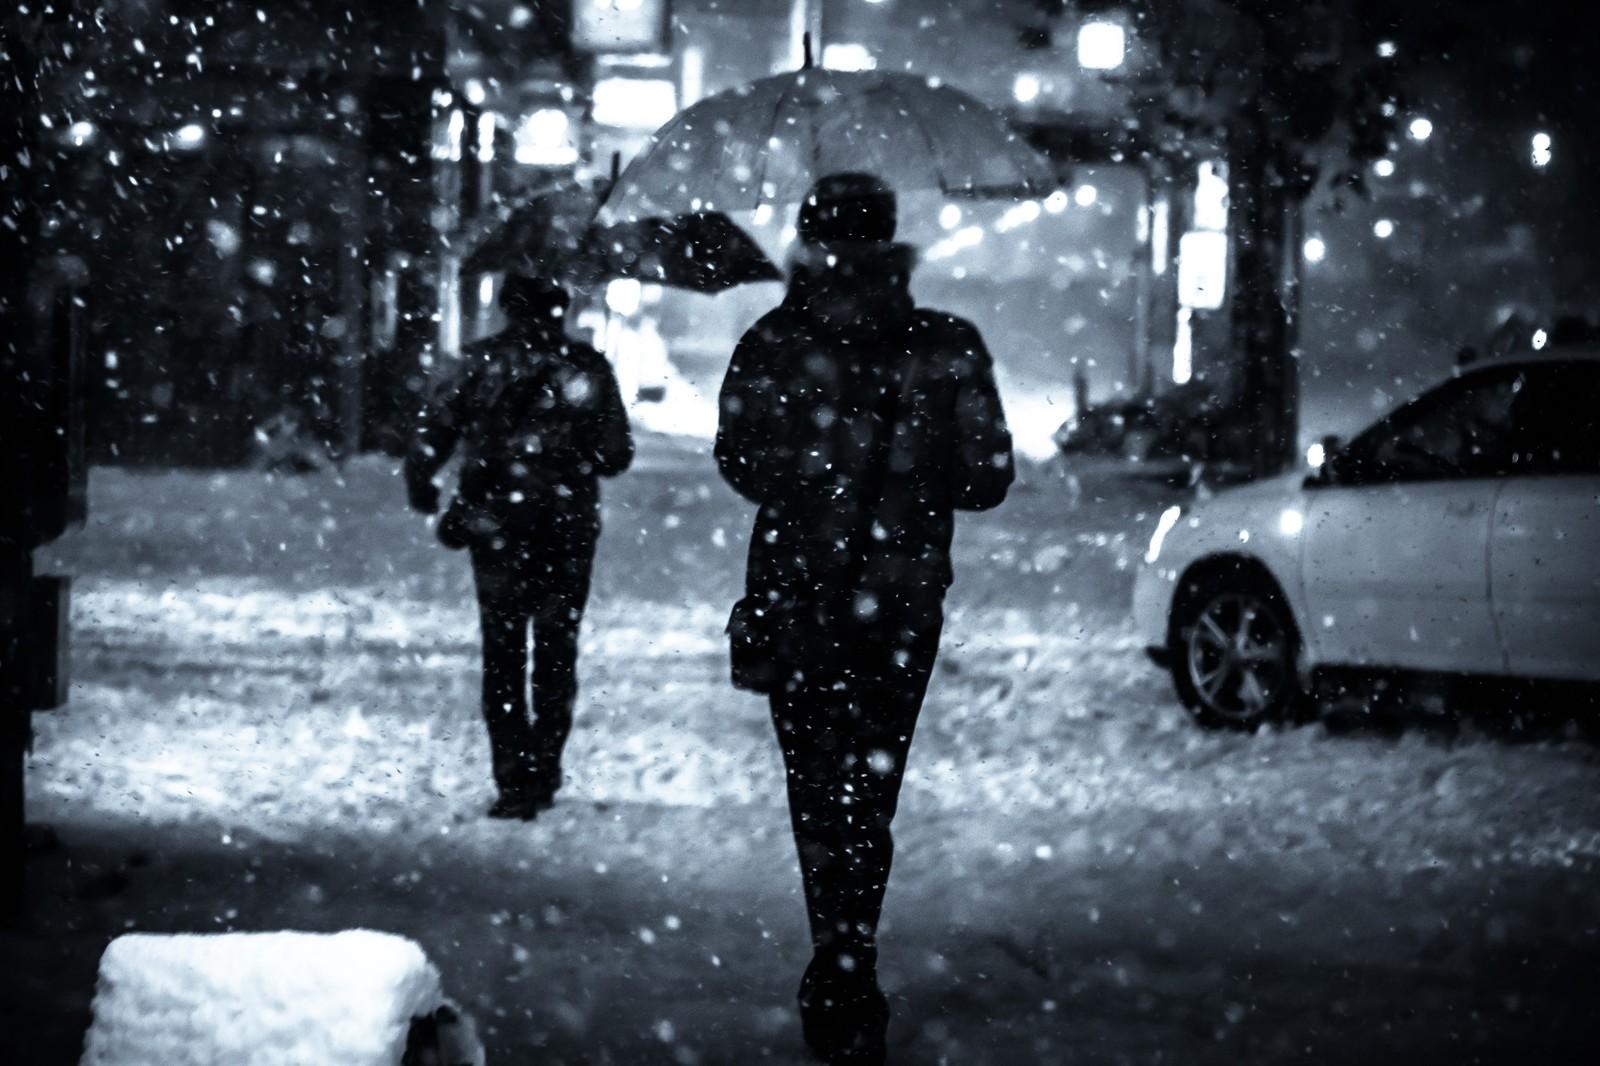 雪があまり降らない地域は、雪の日に「在宅勤務」を許可したほうが良いのでは?